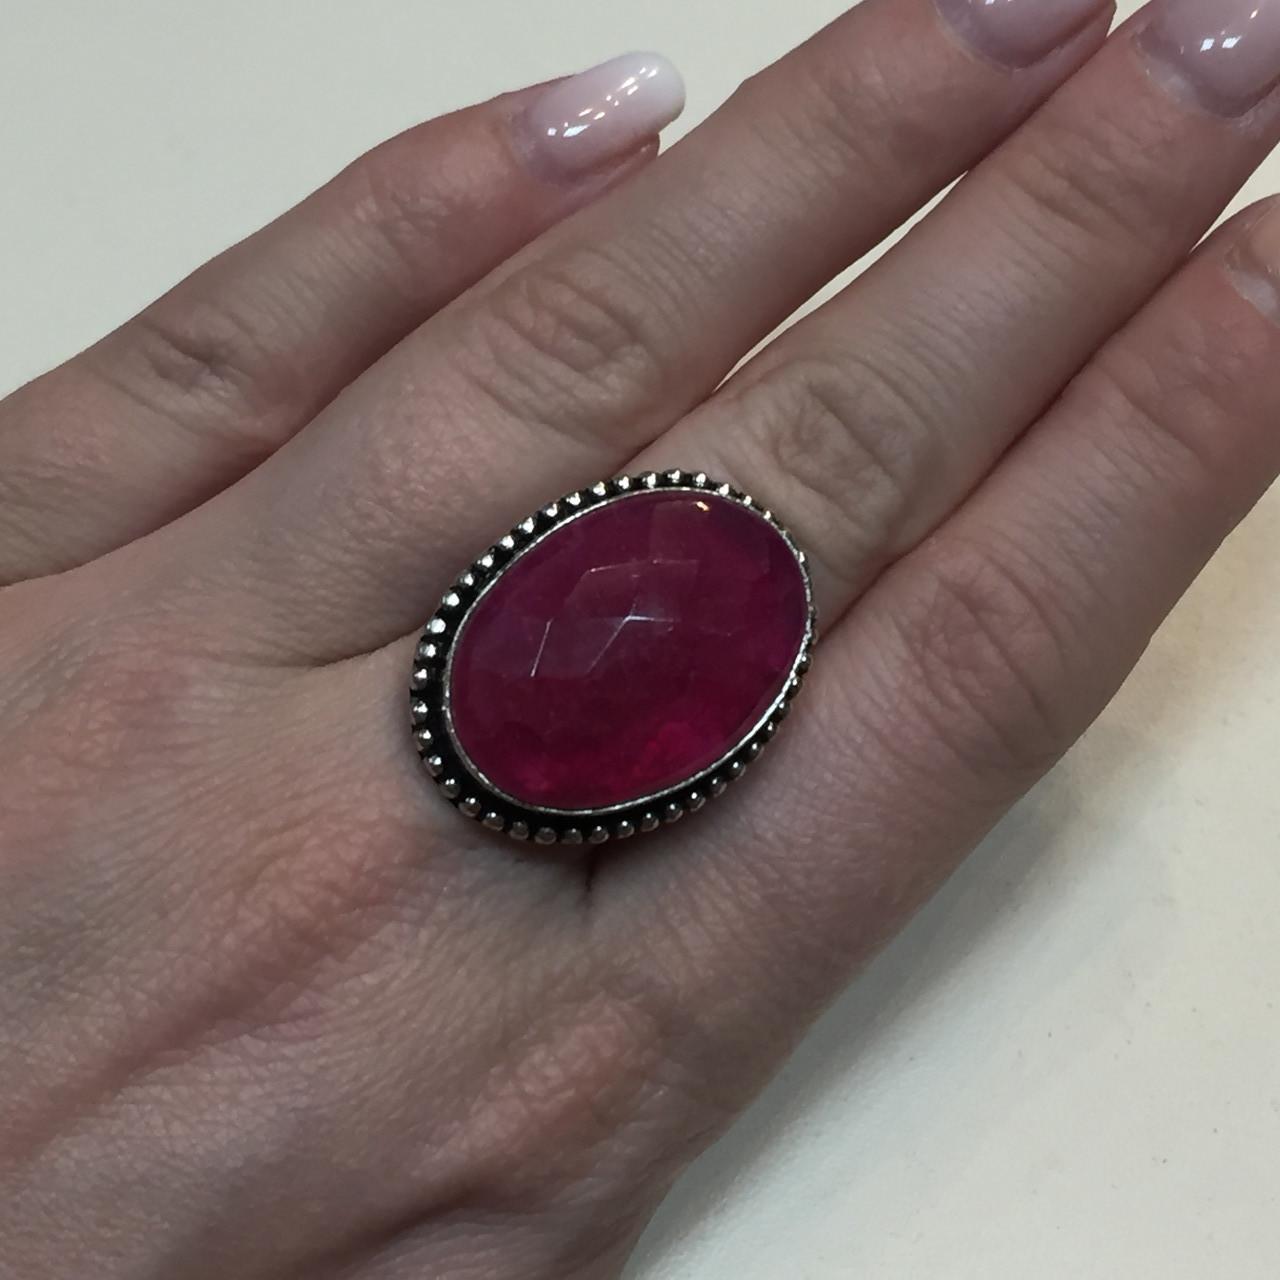 Рубин красивое кольцо овал с рубином. Индийский рубин в серебре размер 17,5 Индия